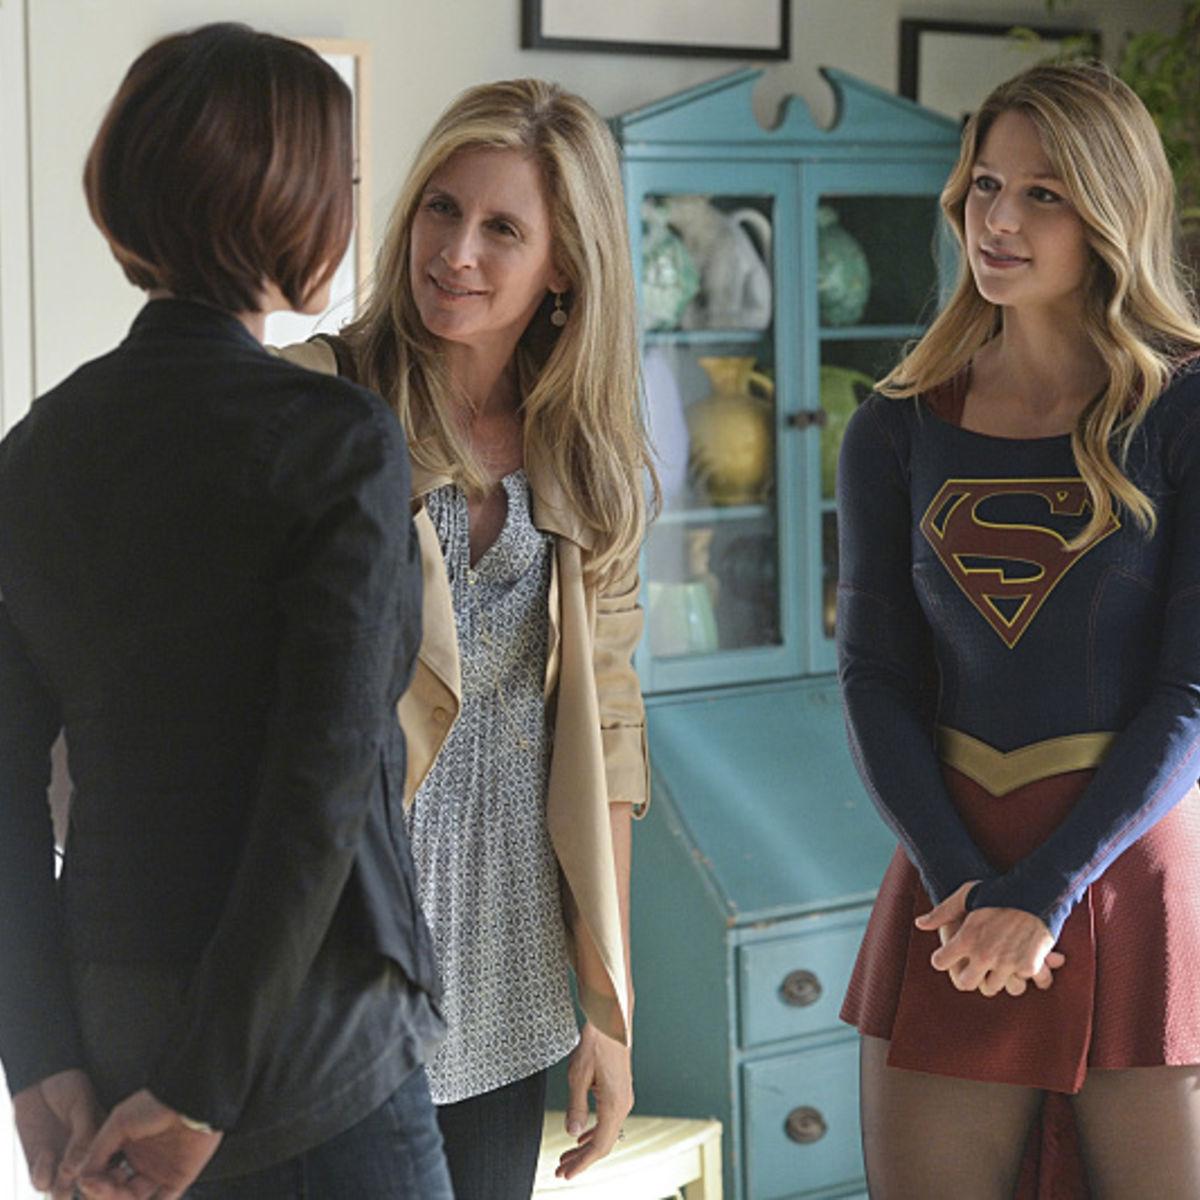 Supergirl-CBS-Episode5_4_0.jpg